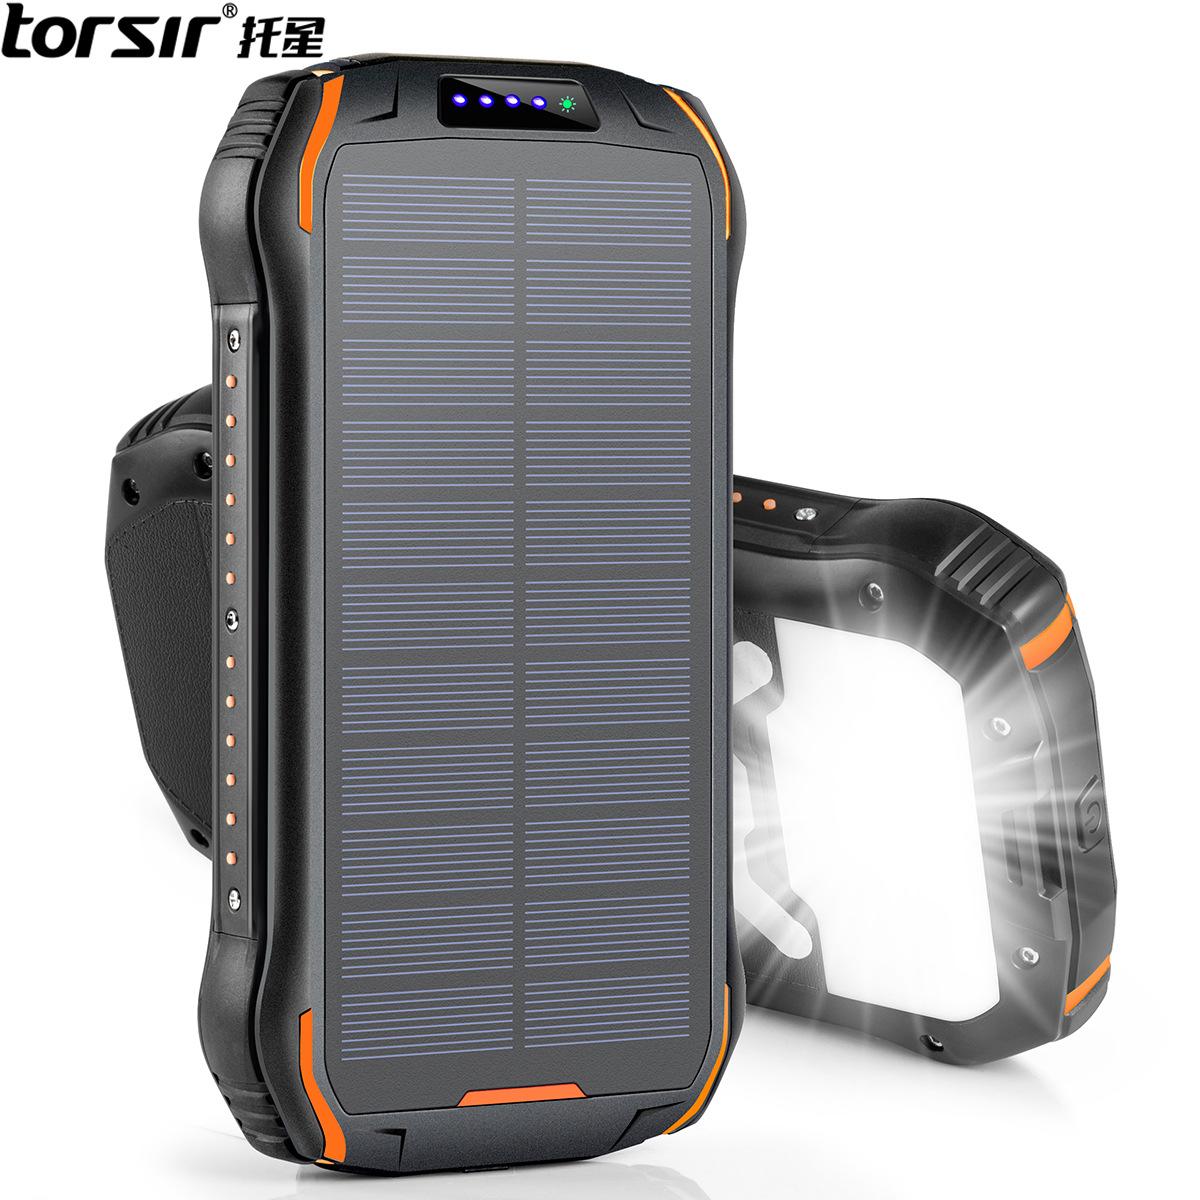 TORSIR Pin sạc dự bị Ngân hàng điện không dây năng lượng mặt trời chống nước IP66 chống cháy nổ Ngân